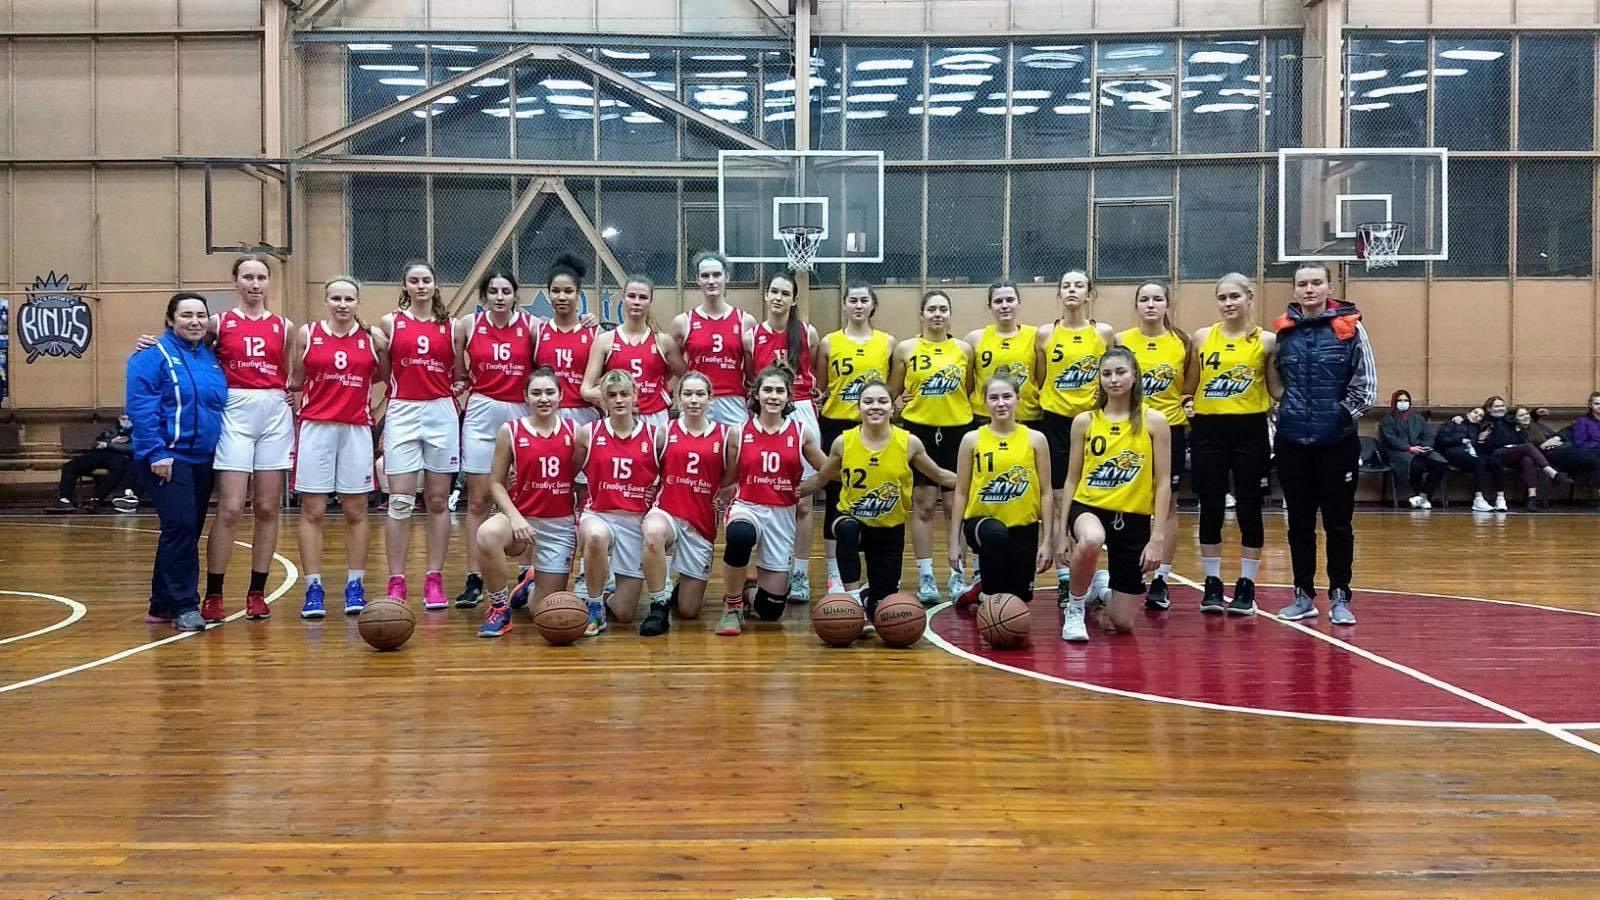 Чемпіонат ВЮБЛ: анонс сезону 2020/2021 серед дівчат 2004-2005 та 2007 р.н.